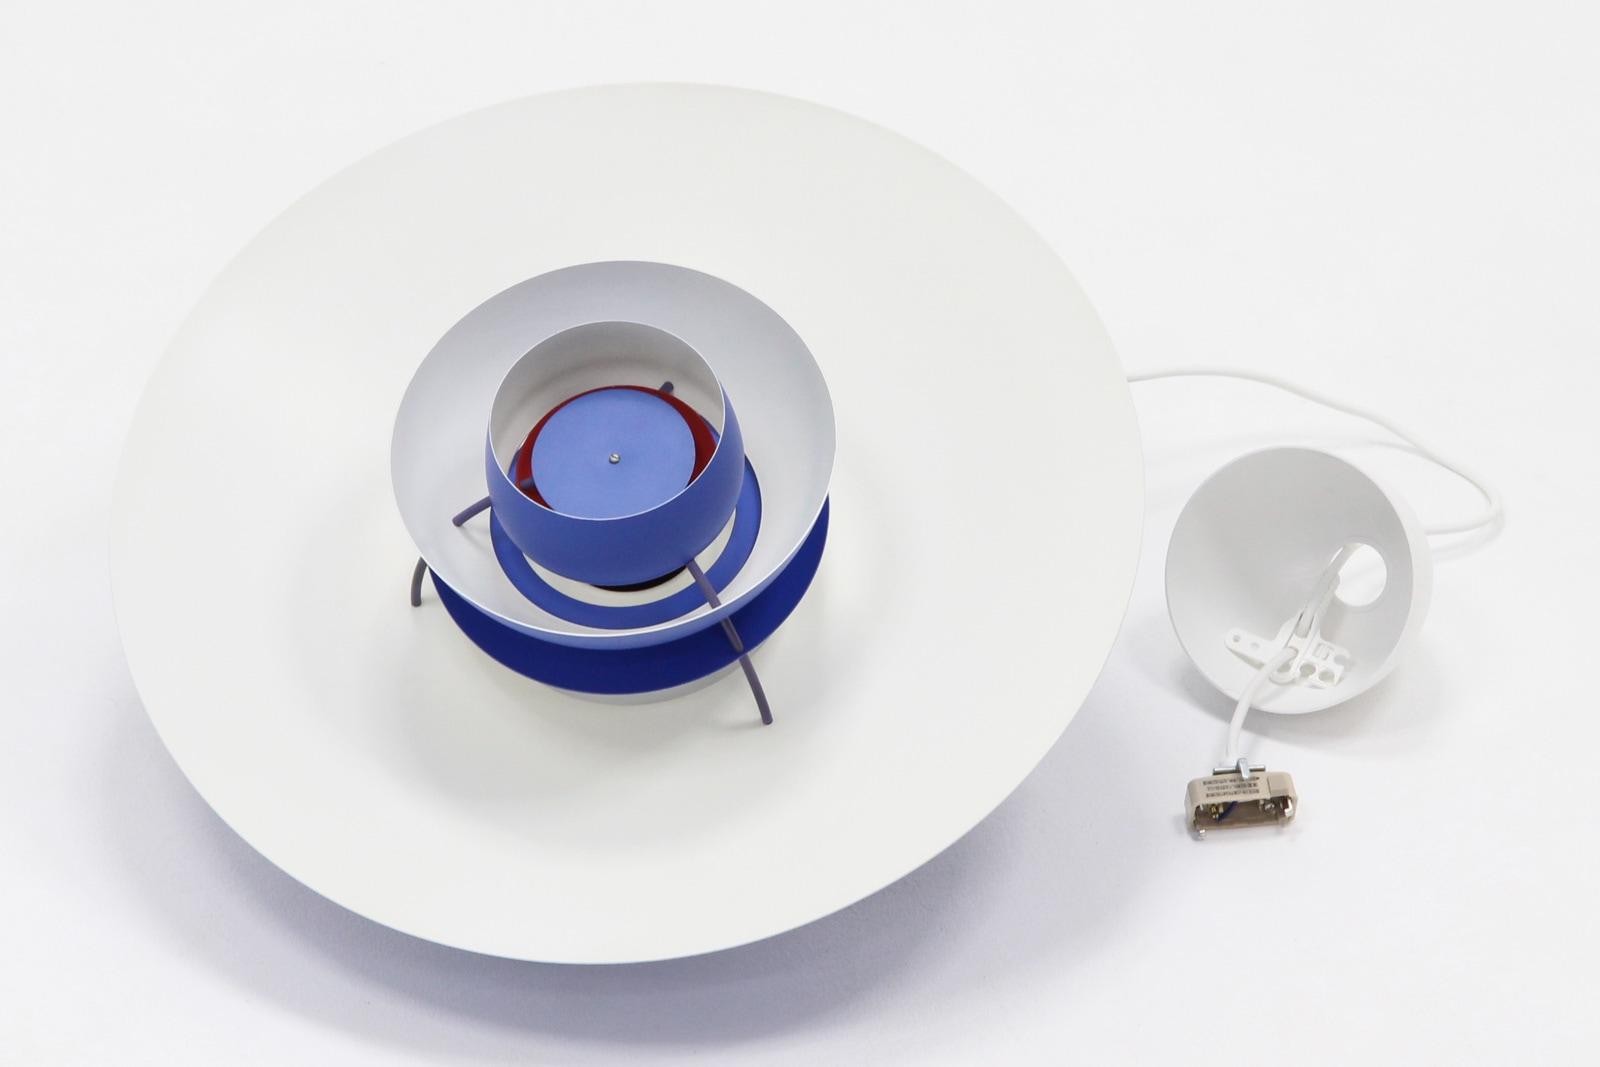 ルイスポールセン,PH5,照明,青